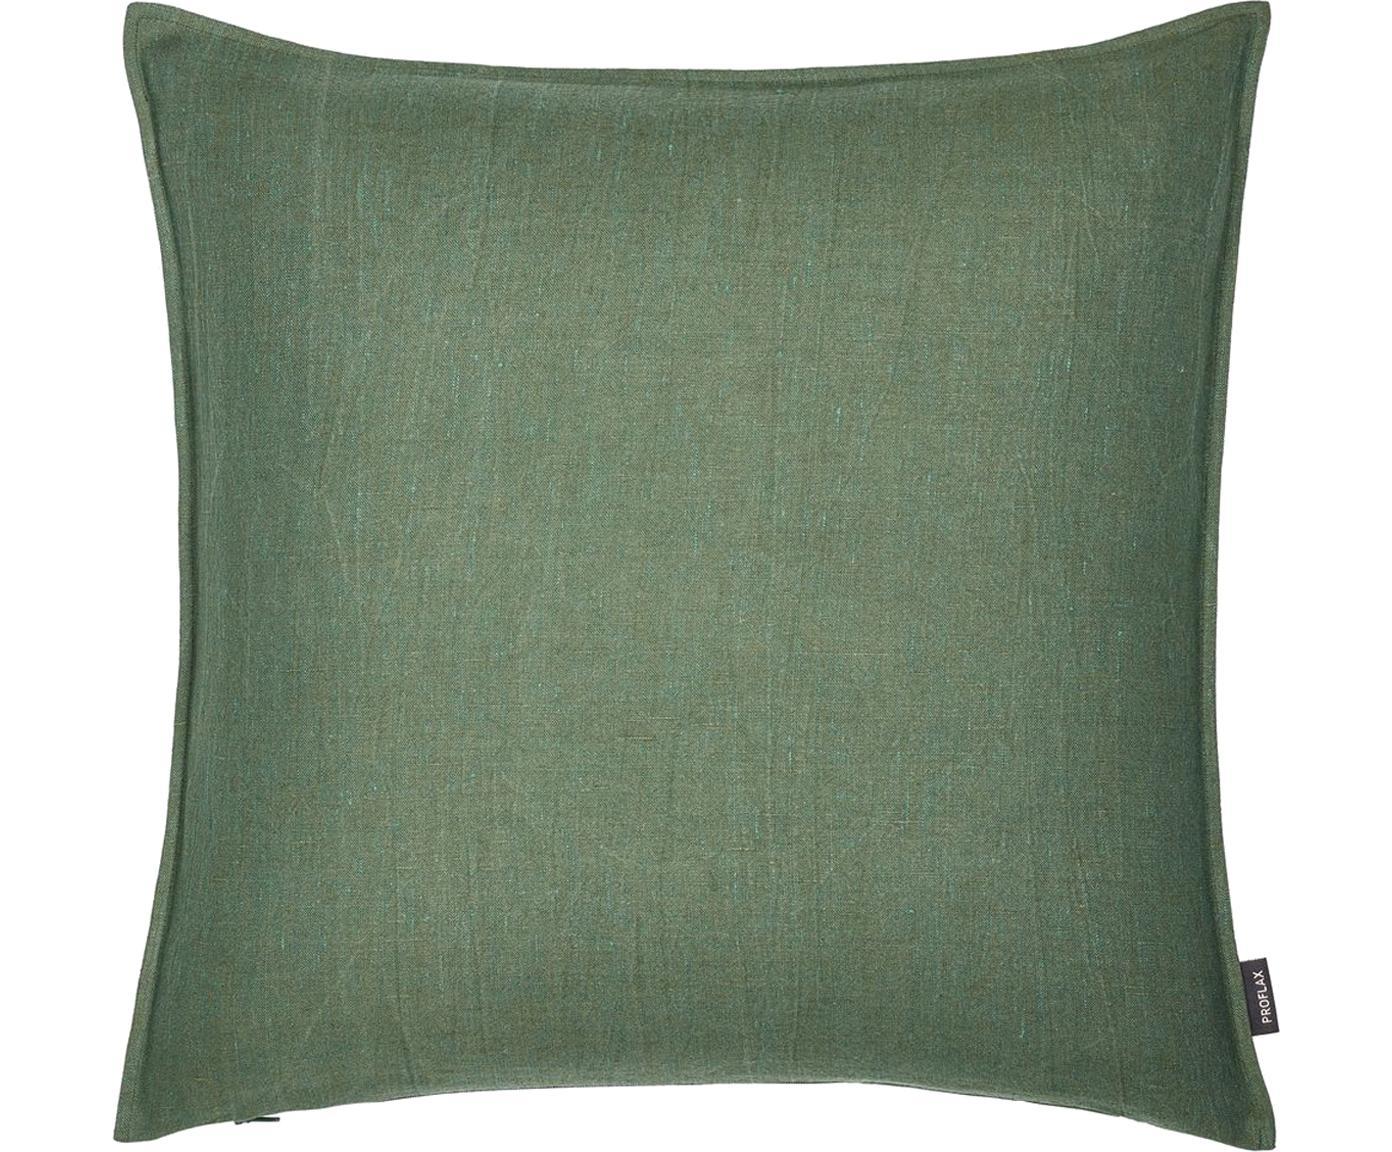 Funda de cojín de lino Sven, Lino, Verde oscuro, An 40 x L 40 cm